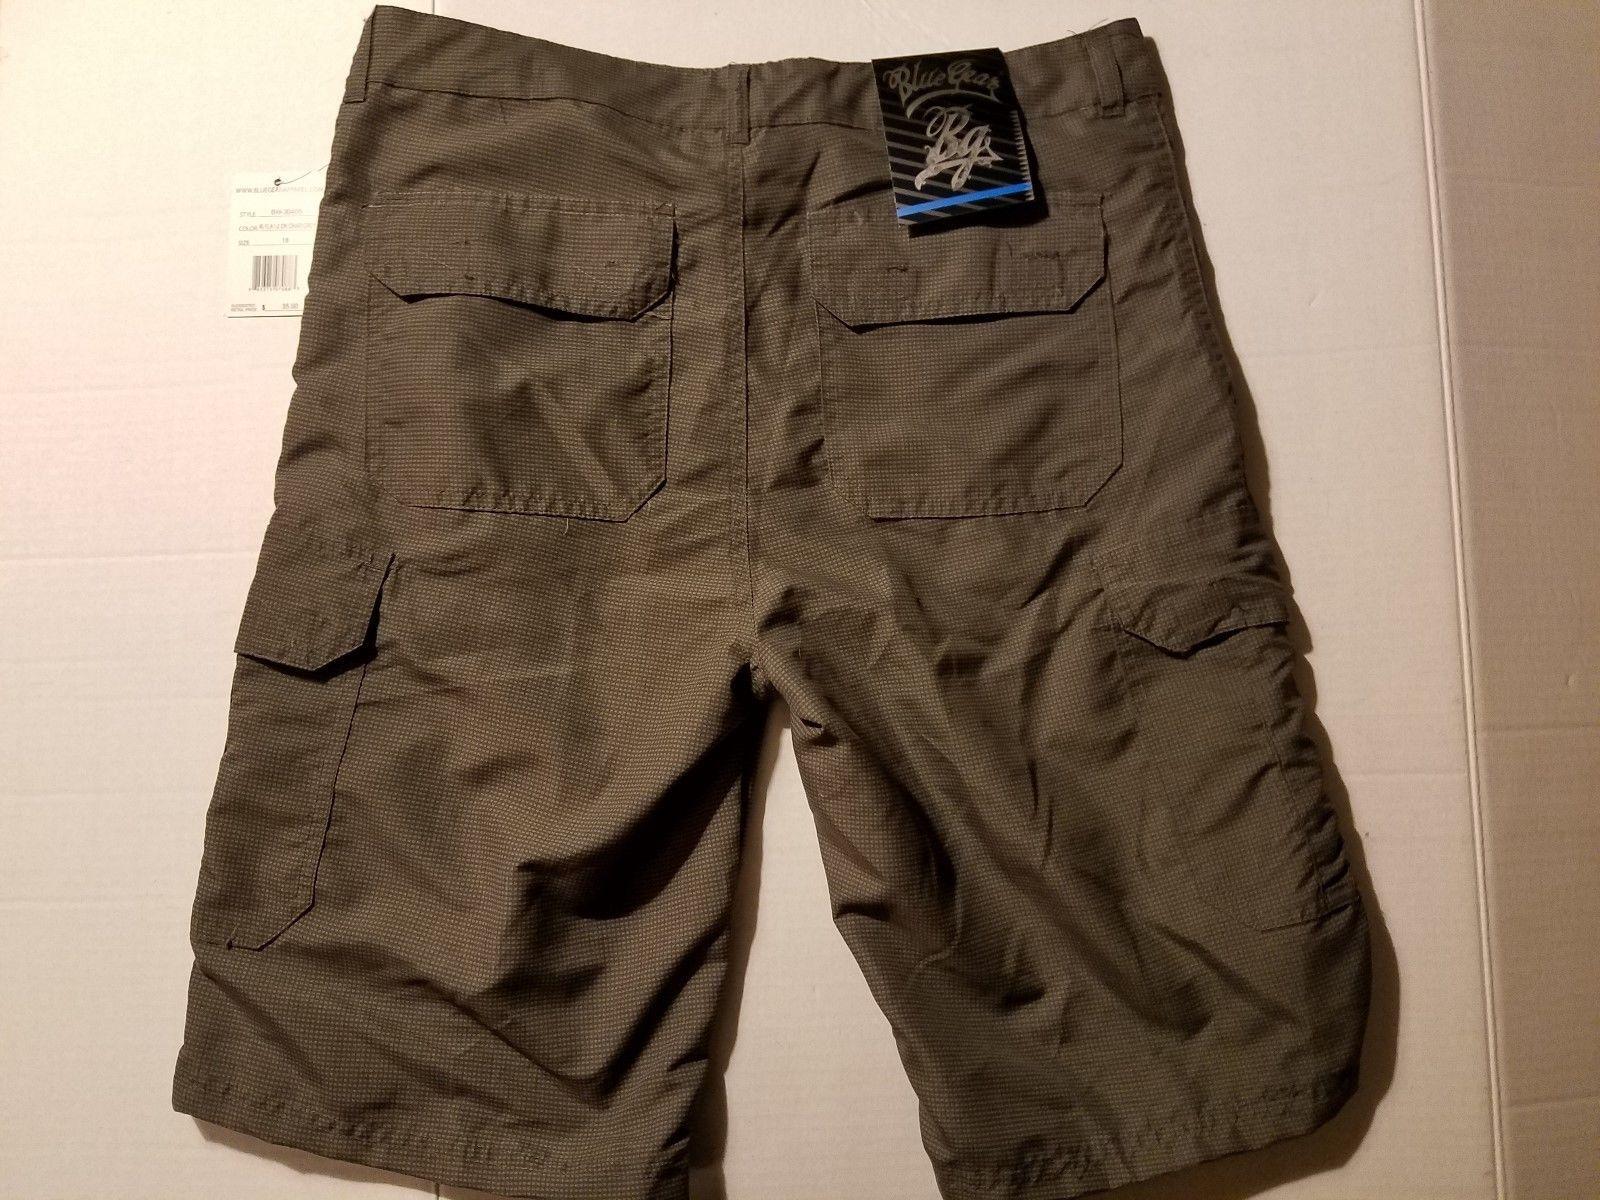 Blue Gear Boys Board Shorts Swim Shorts Trunks Size  14 16 18 NWT